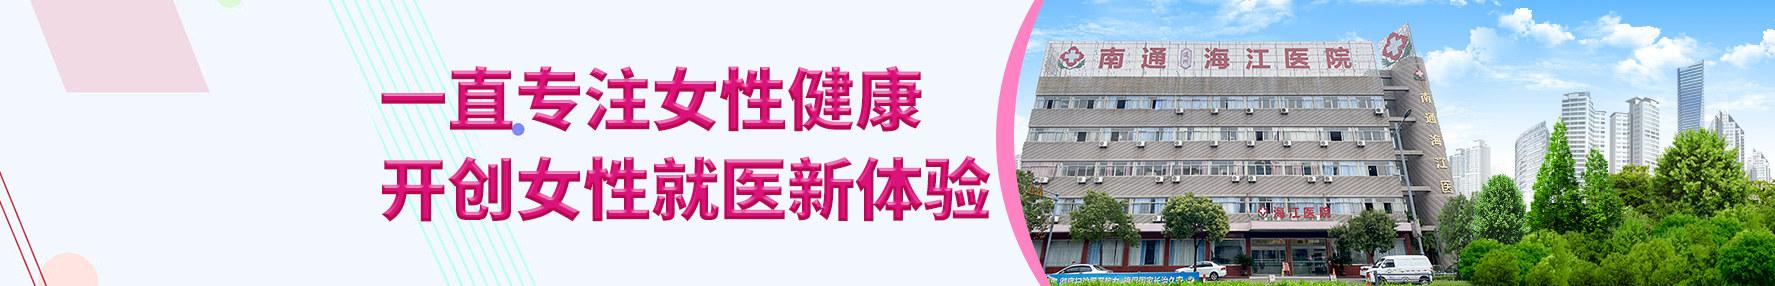 南通海江医院